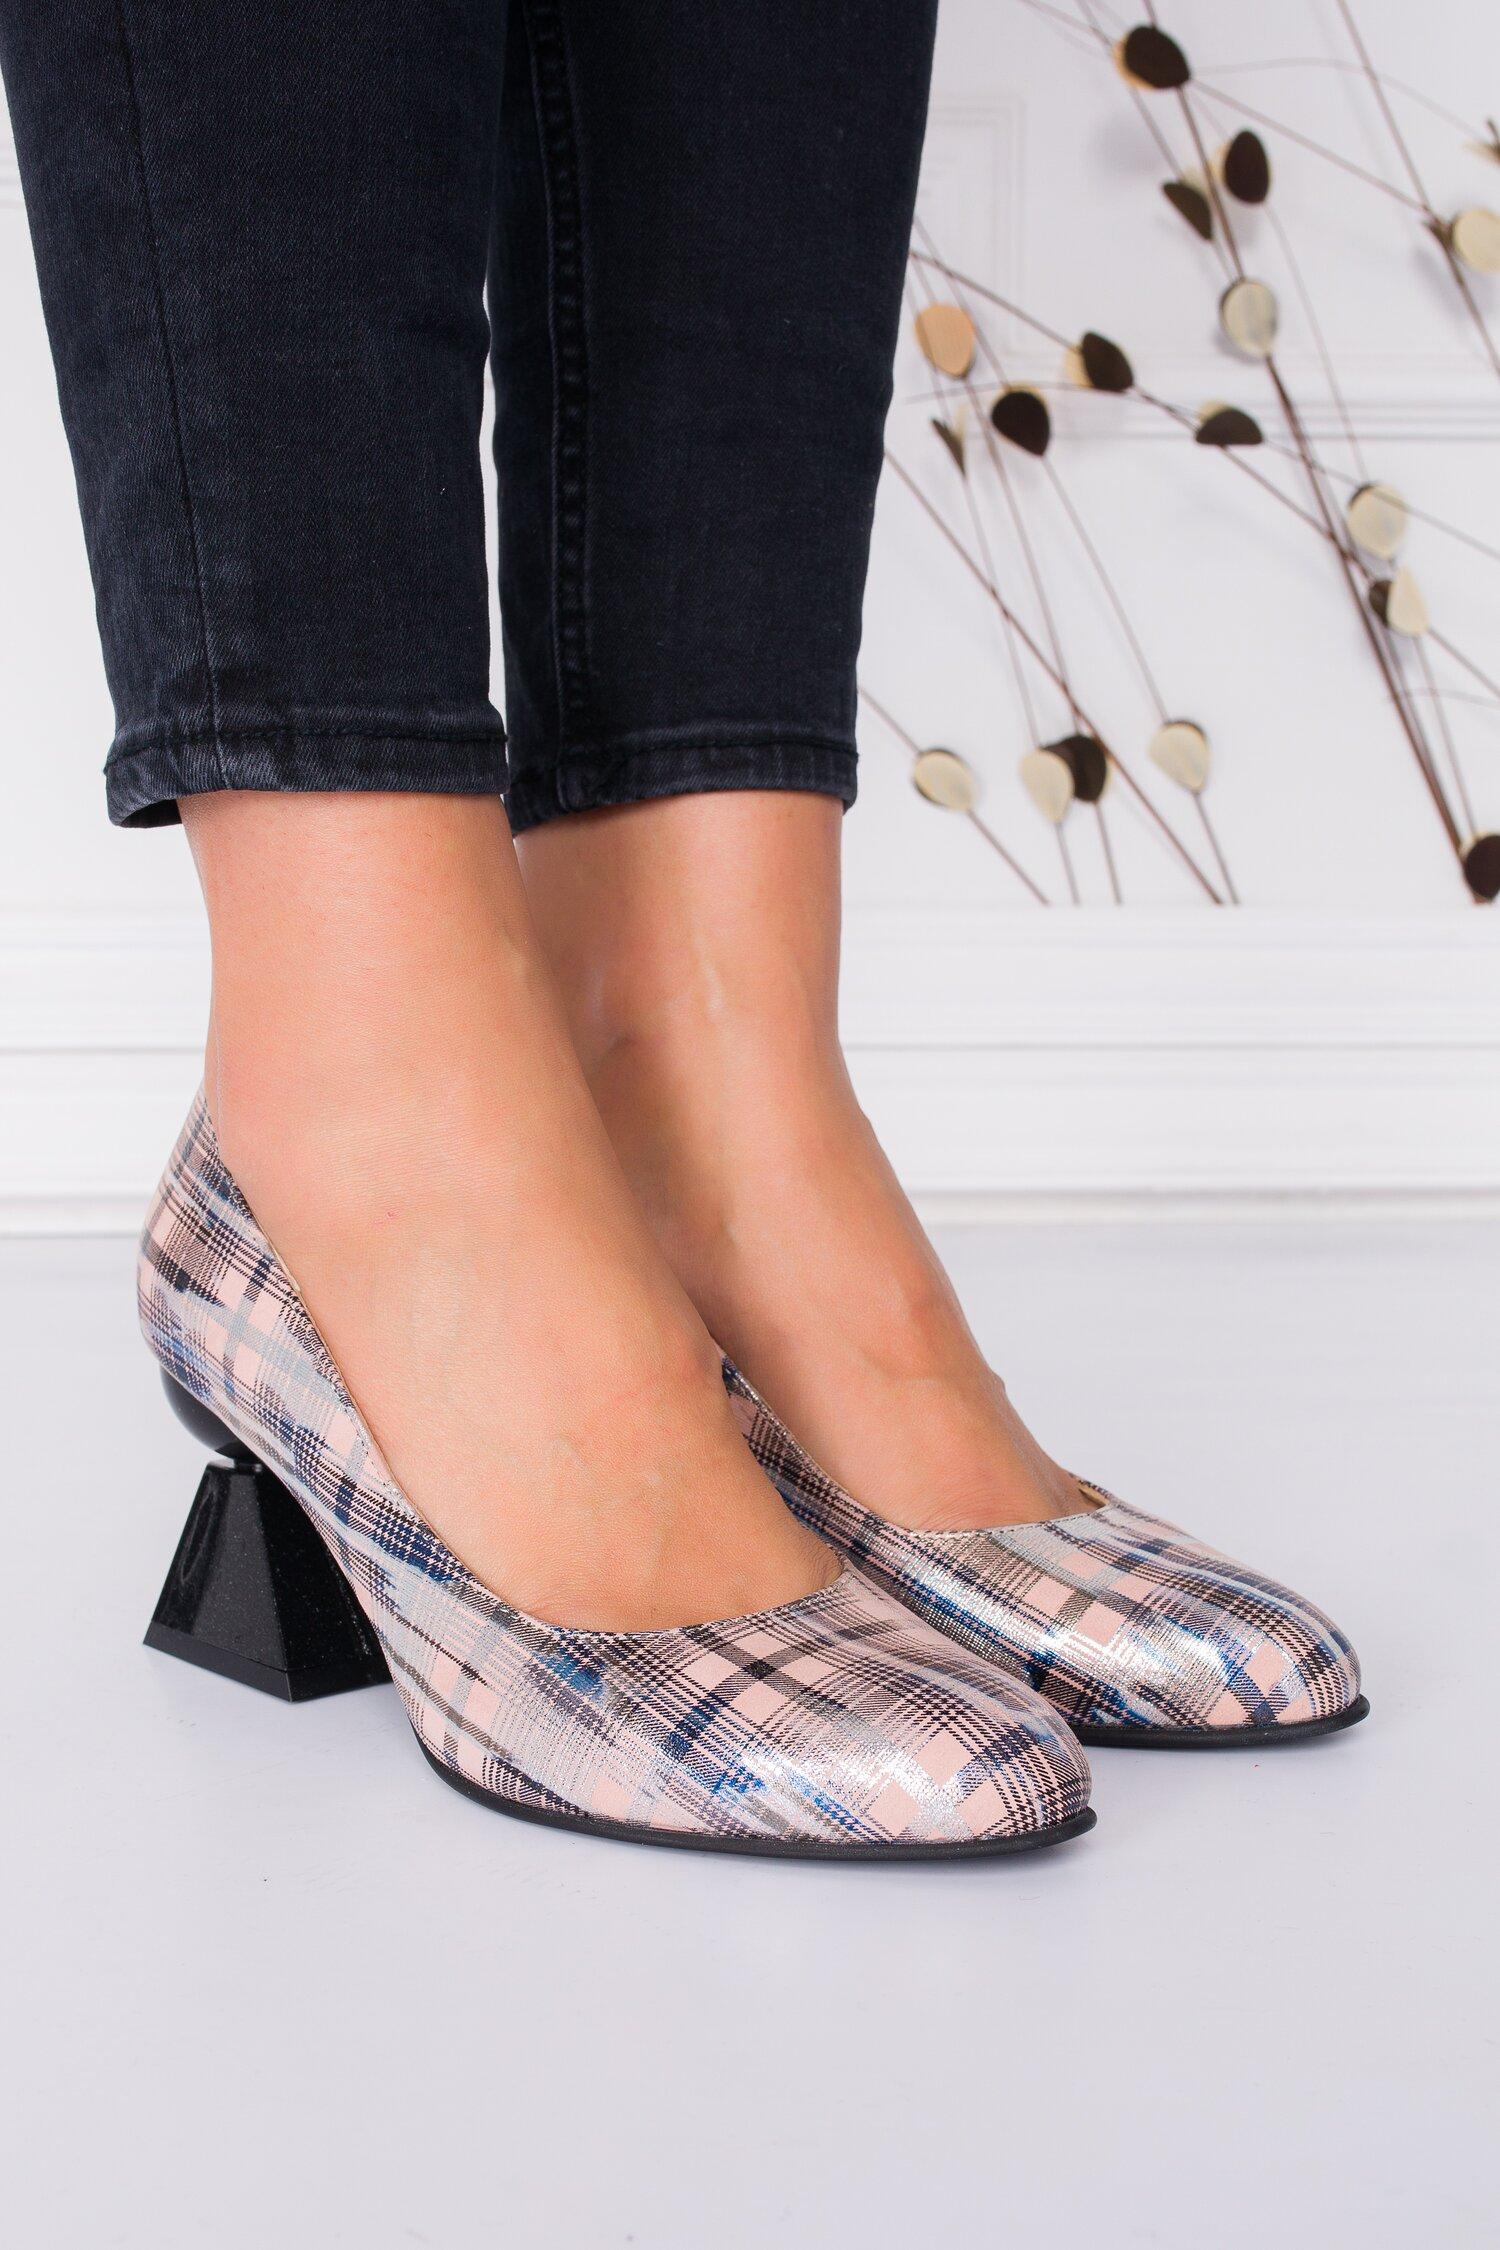 Pantofi roze cu imprimeu stralucitor in carouri imagine